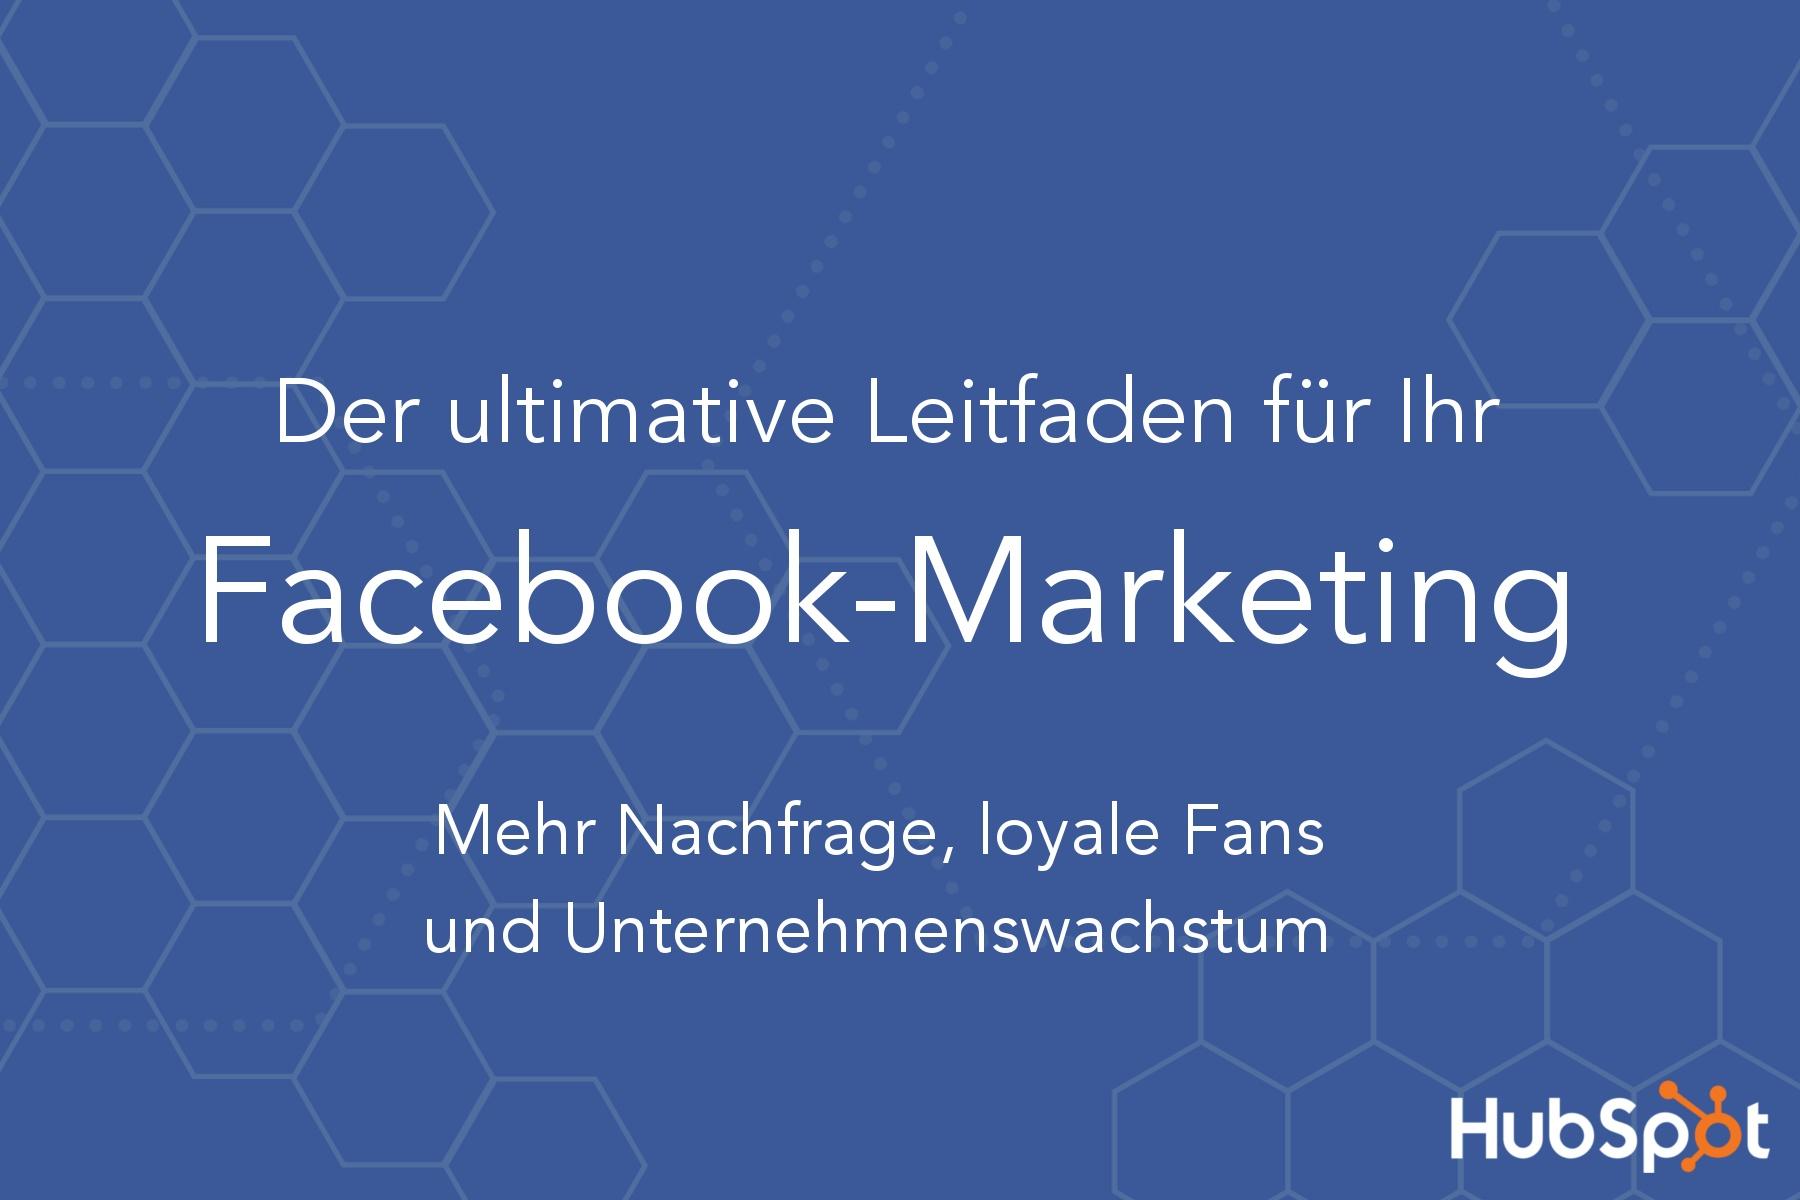 Der ultimative Leitfaden für Ihr Facebook-Marketing